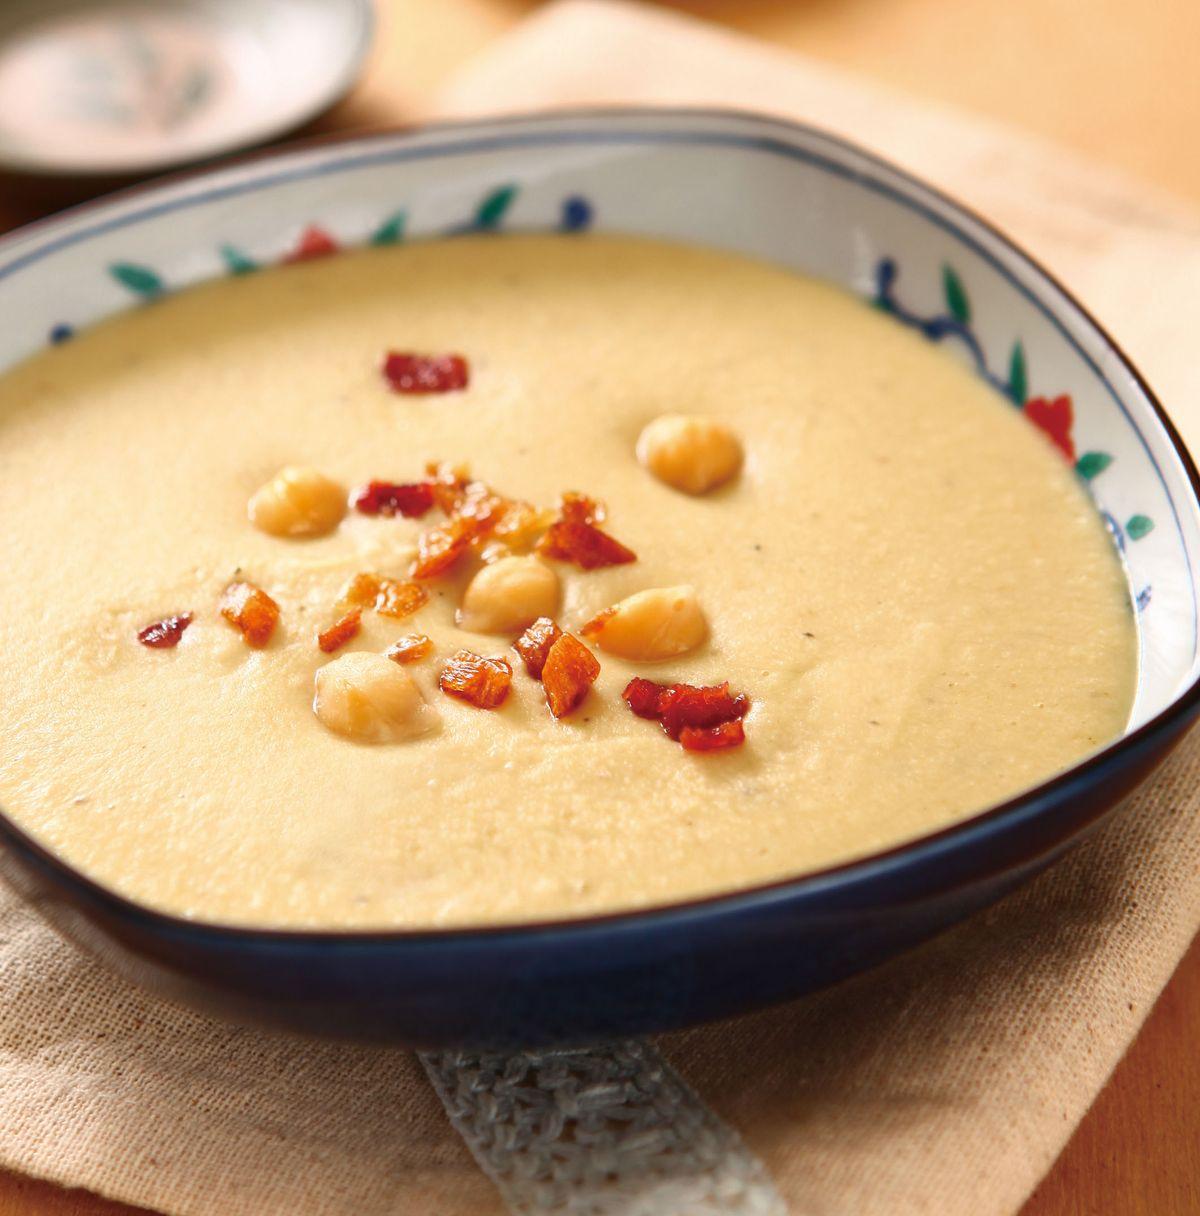 食譜:雪蓮子蔬菜濃湯